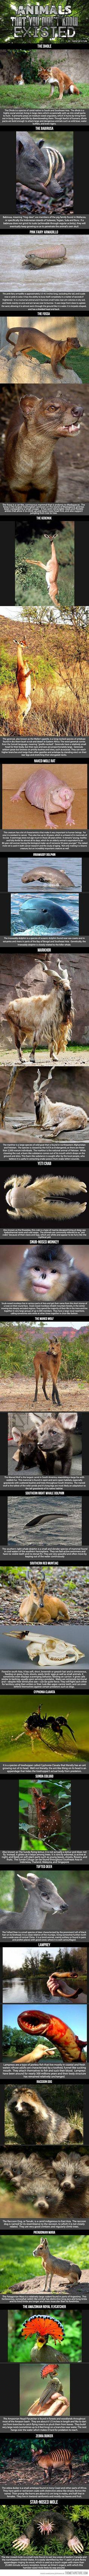 Alguns animais eu nunca vi na vida! muito top!